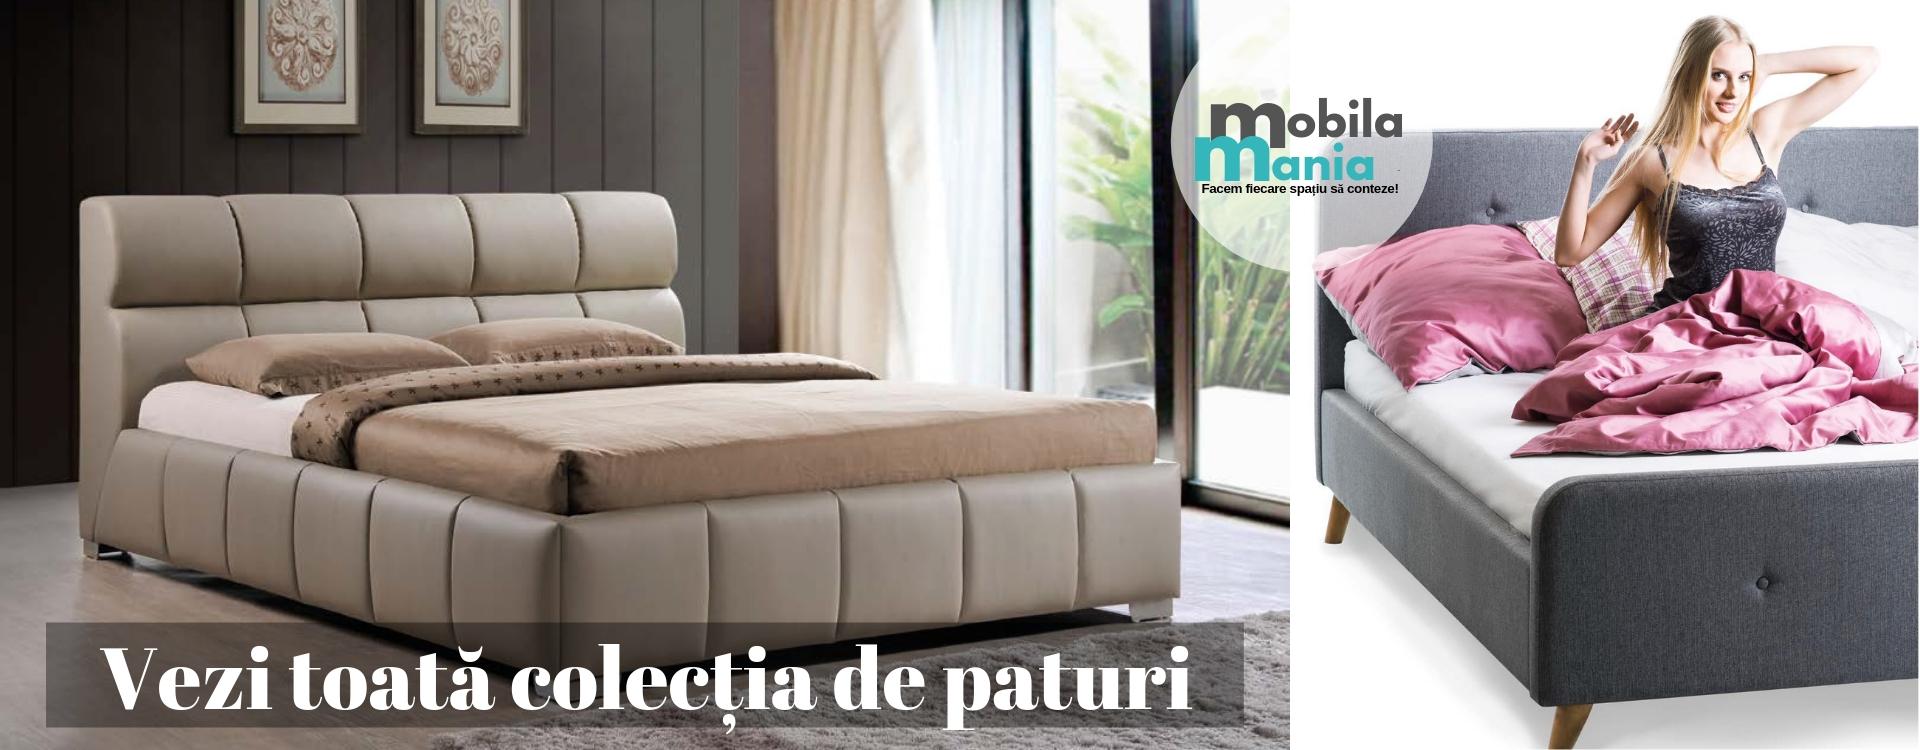 Colectia MobilaMania.ro paturi